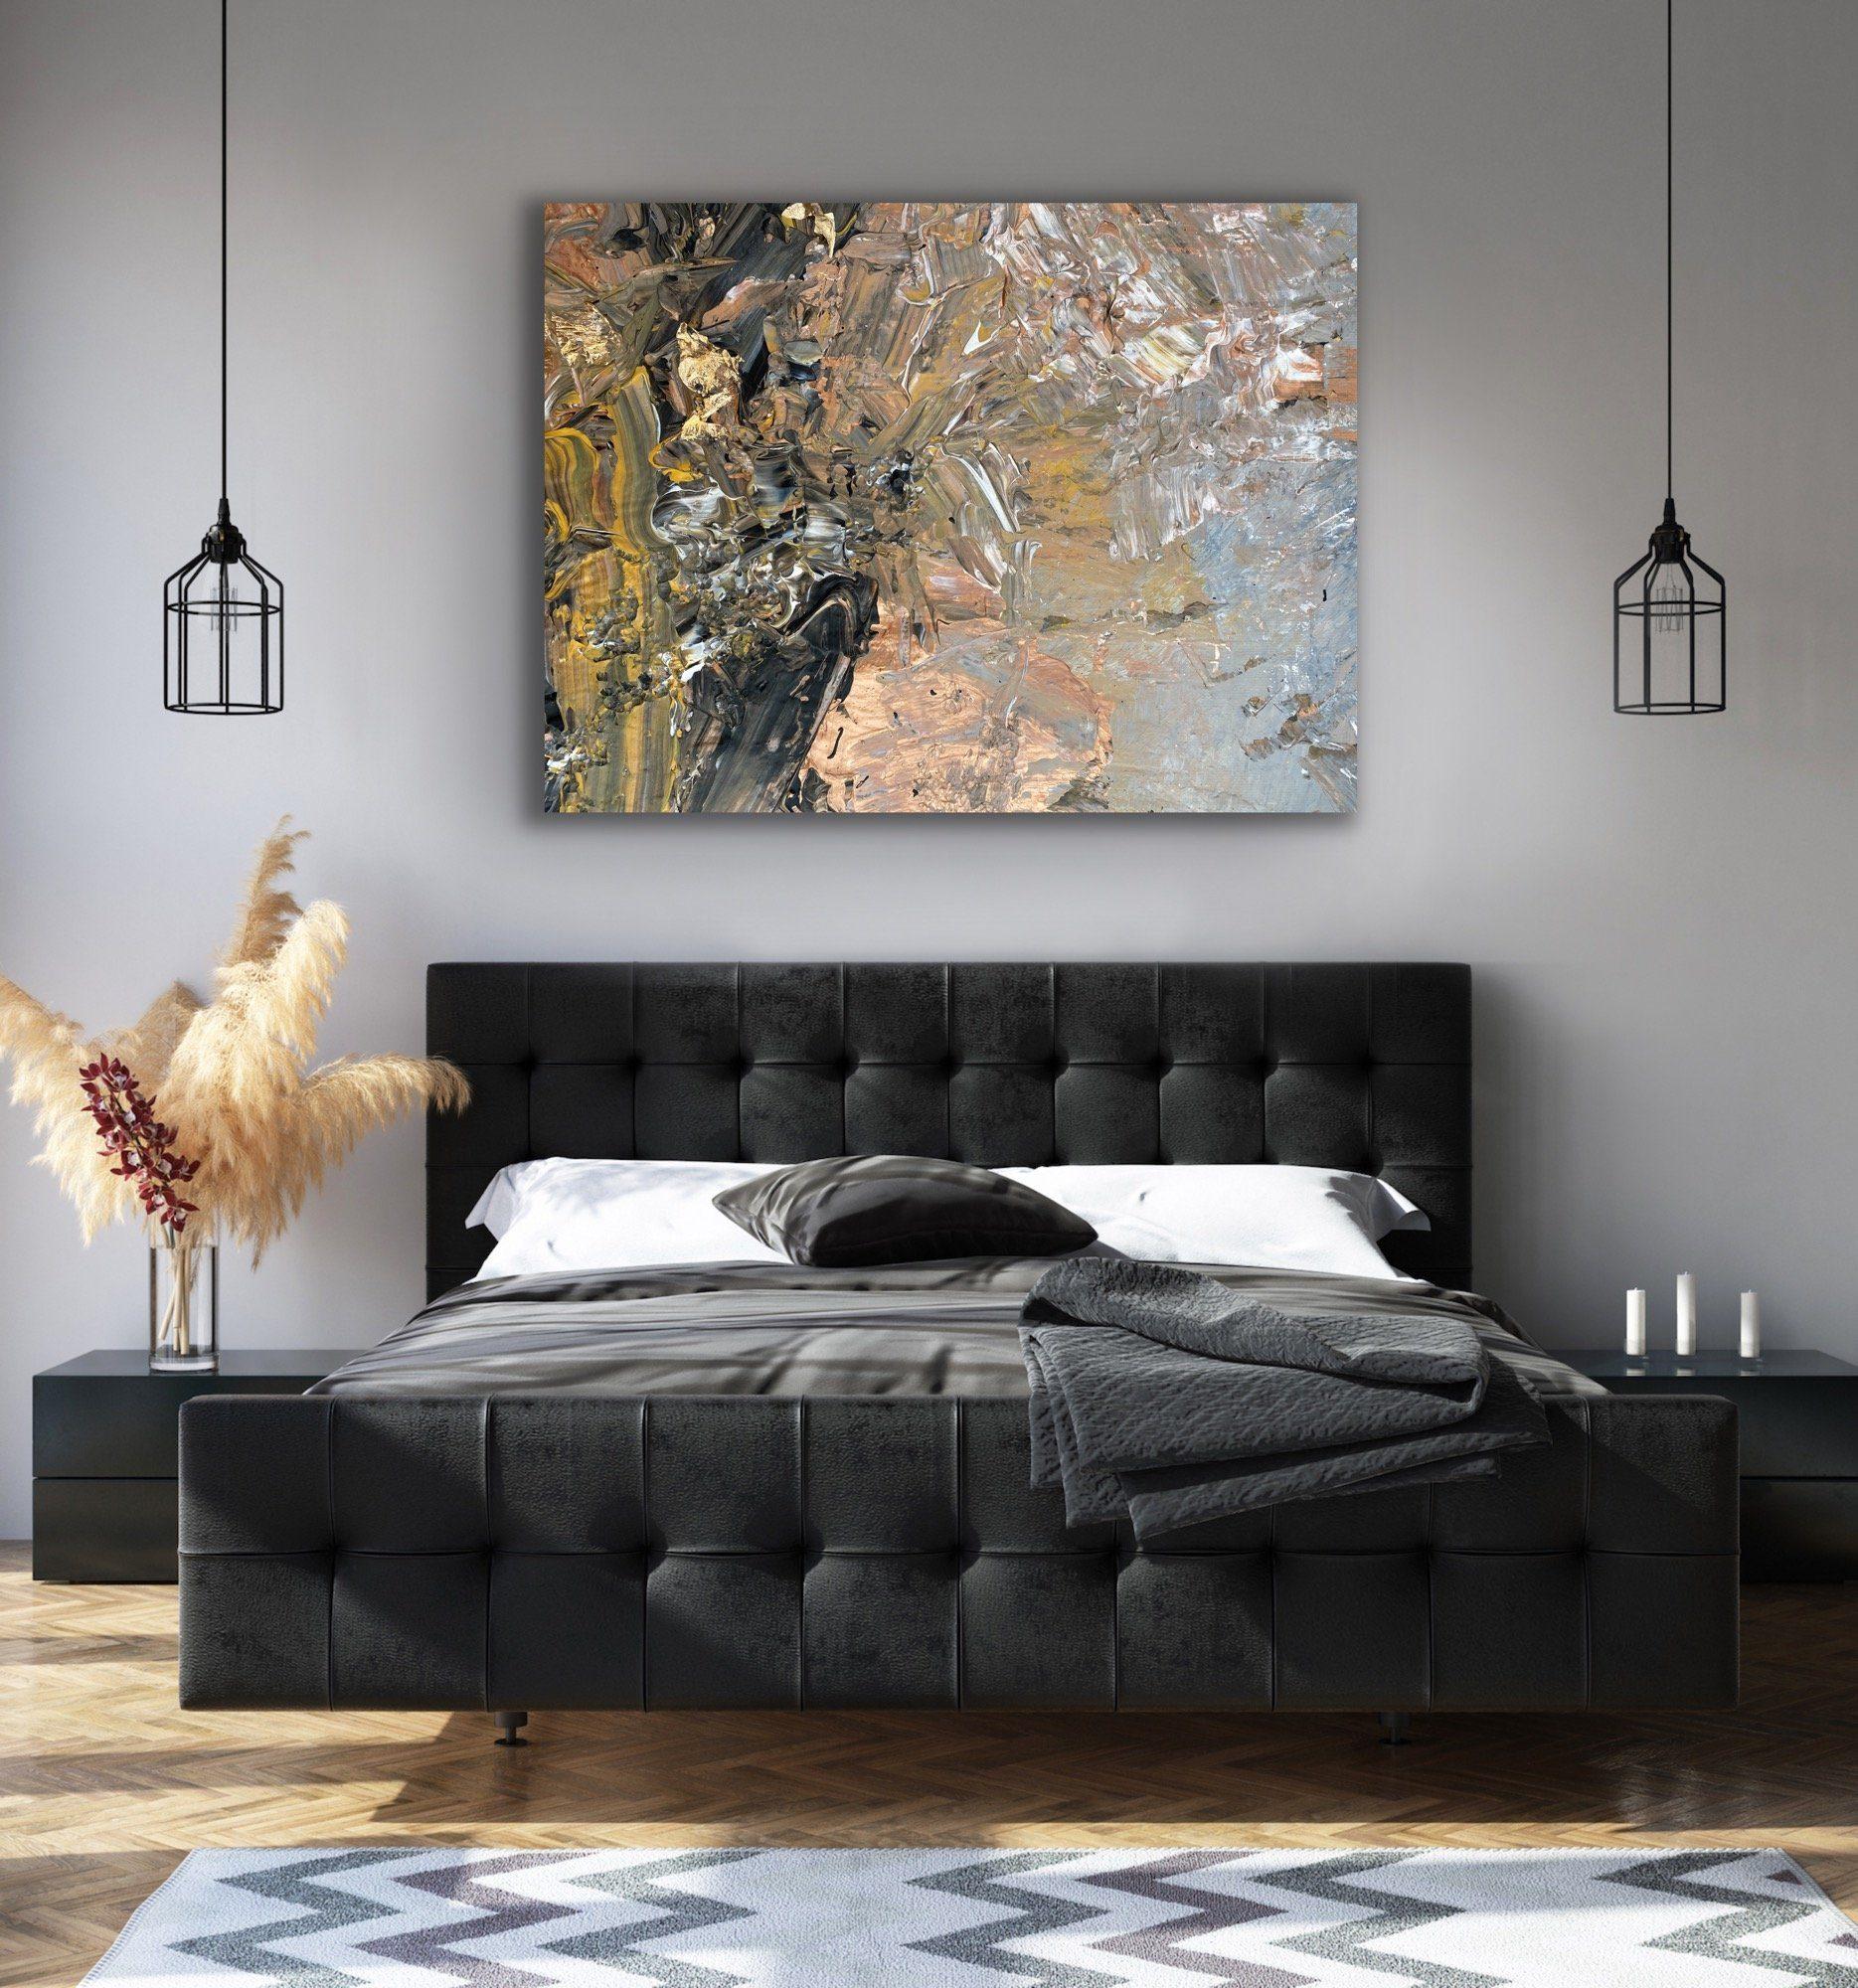 Abstrakte Kunst, Mara Hörner, Gemälde